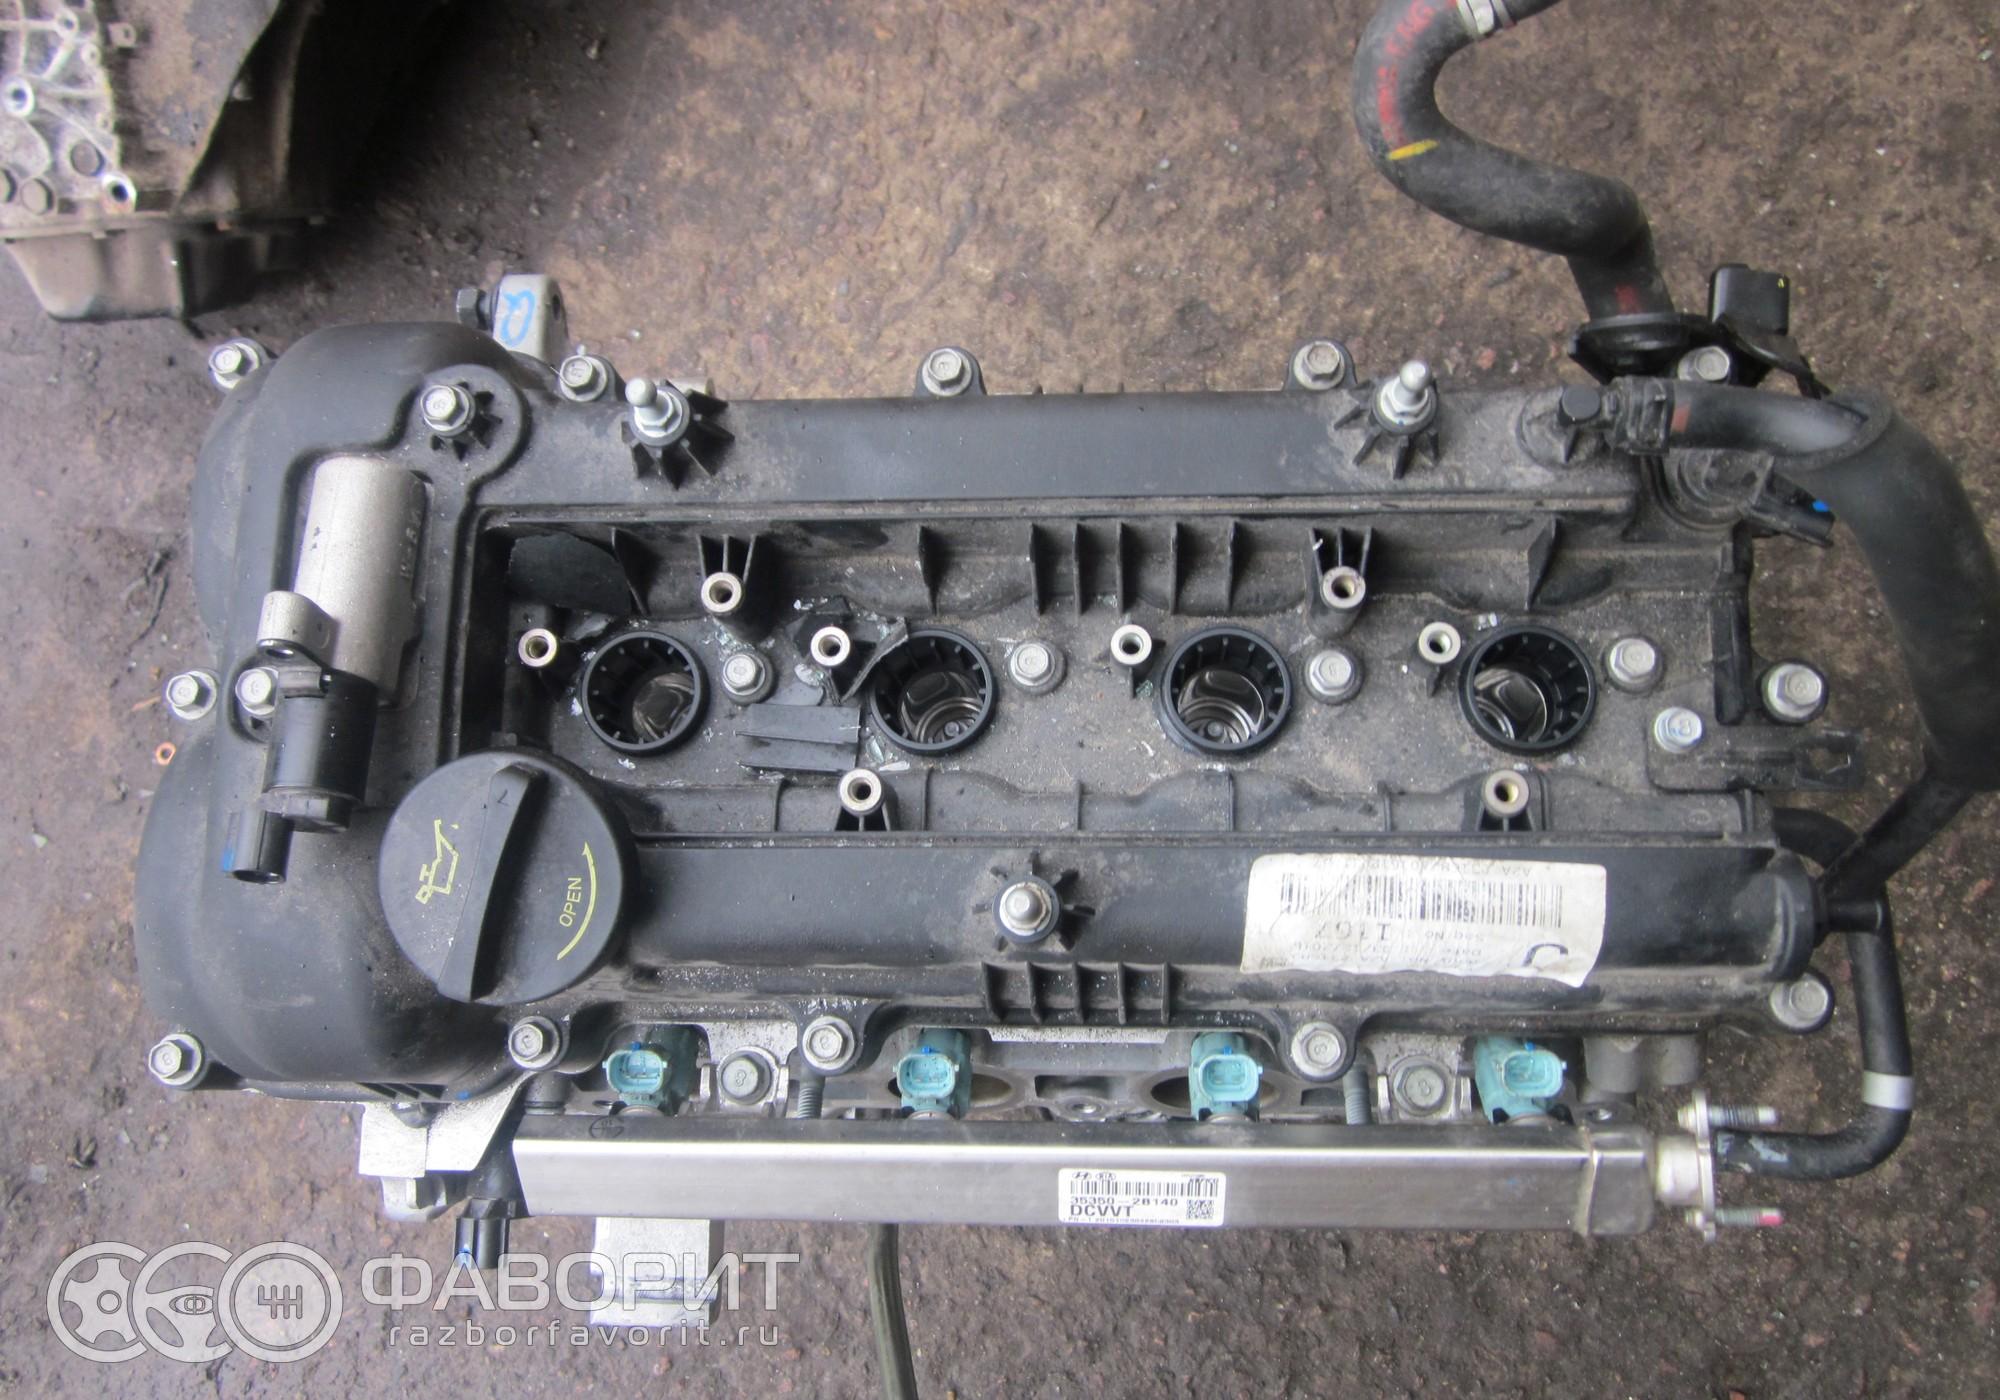 Двигатель 1 6 G4FG Z79412BZ00 для Kia Ceed II - купить б/у за 57999 р